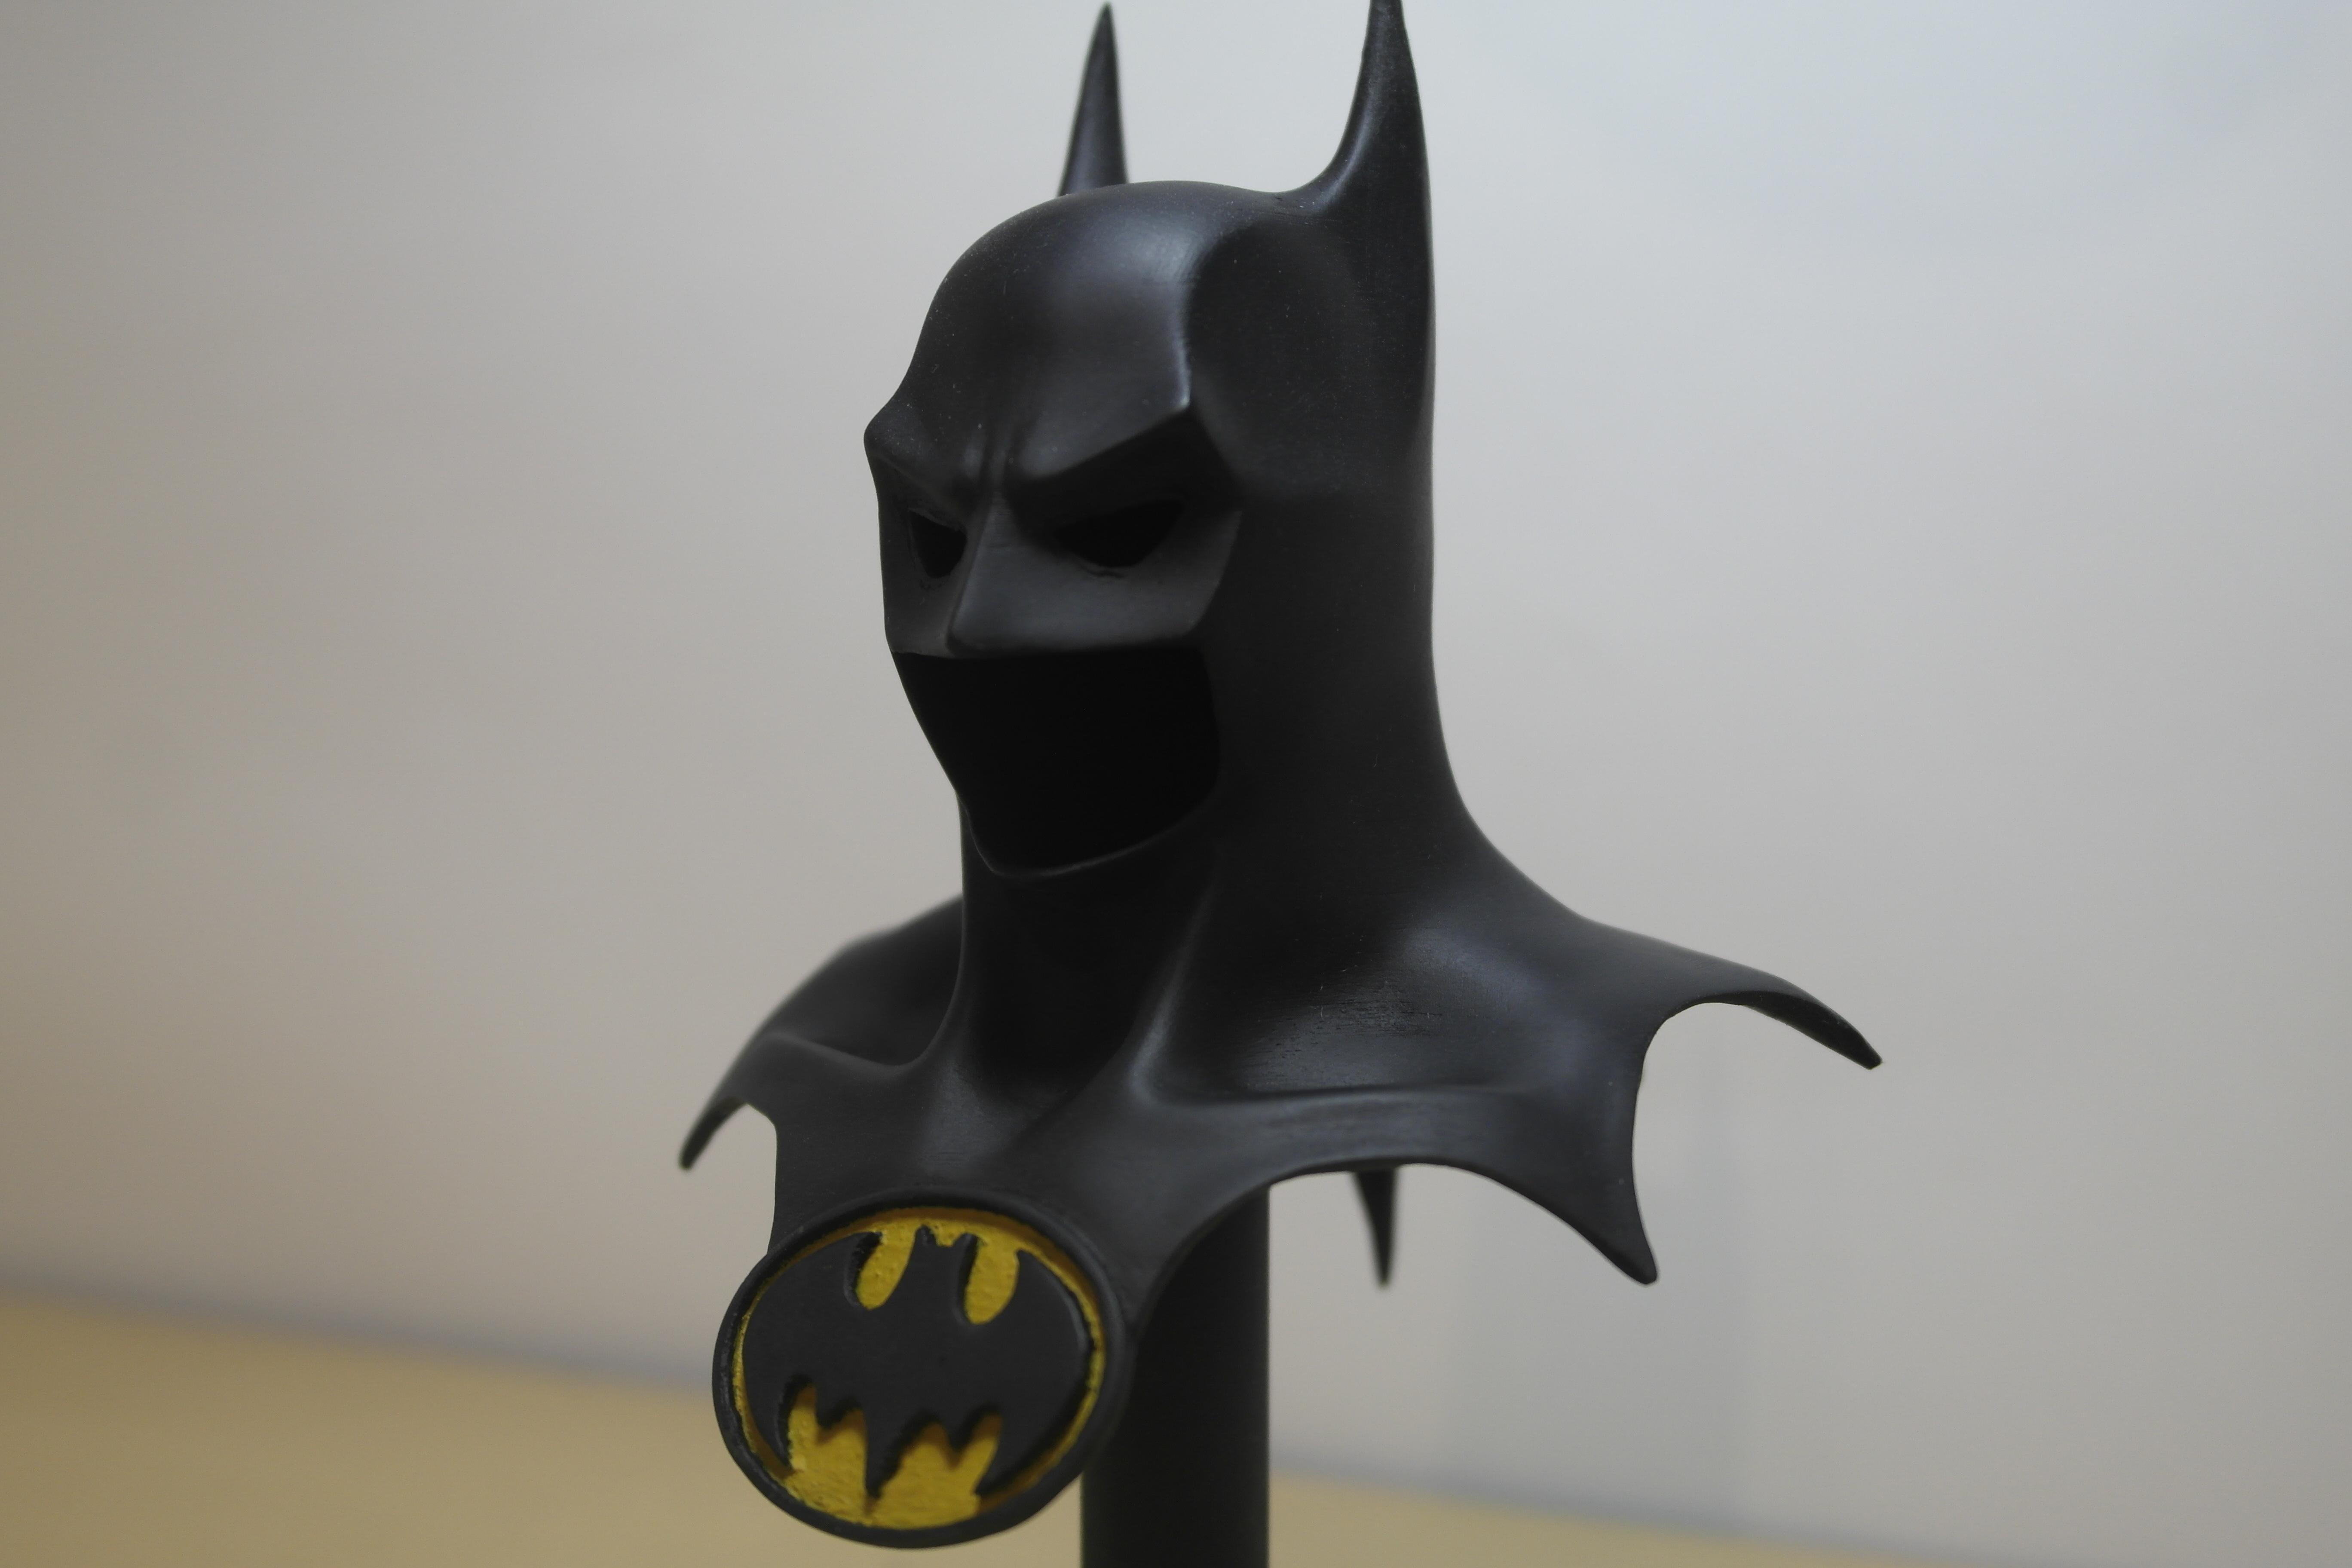 3d Printed Batman Mask By David Ruiz Pinshape